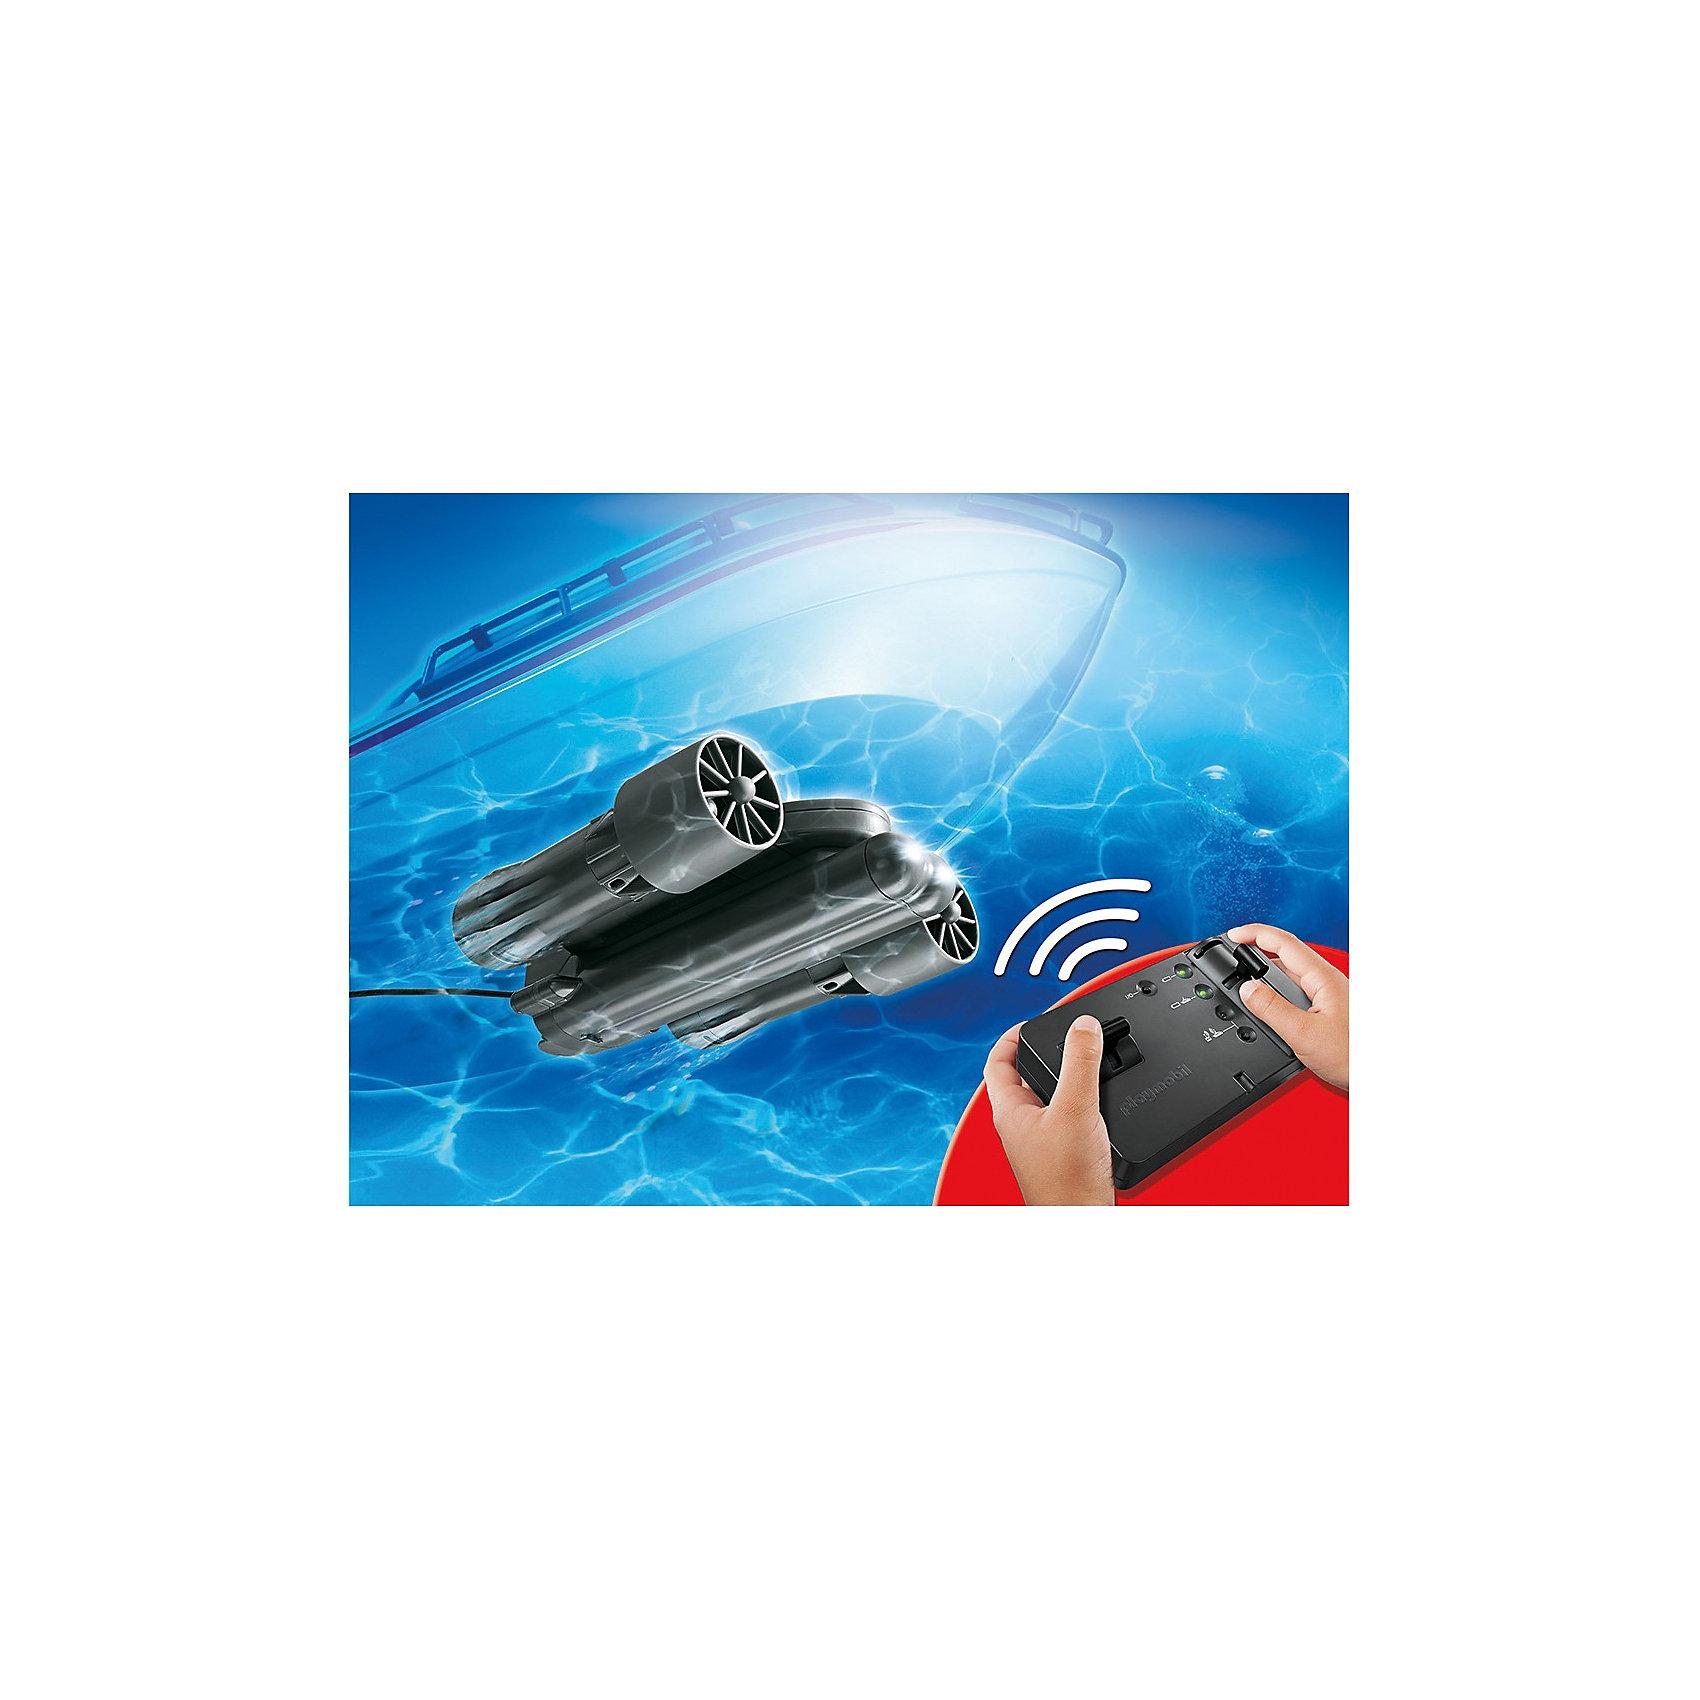 PLAYMOBIL 5536 Р/у подводный мотор для яхтыПластмассовые конструкторы<br>Конструктор PLAYMOBIL (Плеймобил) 5536 Роскошная яхта: Радиоуправляемый подводный мотор - прекрасная возможность попрактиковаться водить настоящий корабль (продается отдельно)! <br>Мотор совместим с большинством яхт и кораблей PLAYMOBIL (Плеймобил). Прикрепи мотор и управляй движением своего судна с помощью удобного пульта. Почувствуй себя капитаном с суперсовременного корабля с набором PLAYMOBIL (Плеймобил) 5536 Роскошная яхта: Радиоуправляемый подводный мотор.<br><br>Дополнительная информация:<br><br>- Конструкторы PLAYMOBIL (Плеймобил) отлично развивают мелкую моторику, фантазию и воображение;<br>- В наборе: мотор, крепление, пульт управления;<br>- Для работы необходимо 6 батареек 1,5V, и 1 батарейка 9V;<br>- Совместим с большинством лодок и кораблей PLAYMOBIL (Плеймобил), которые продаются отдельно;<br>- Материал: безопасный пластик;<br>- Размер упаковки: 35 х 25 х 7 см<br><br>Конструктор PLAYMOBIL (Плеймобил) 5536 Роскошная яхта: Радиоуправляемый подводный мотор можно купить в нашем интернет-магазине.<br><br>Ширина мм: 352<br>Глубина мм: 251<br>Высота мм: 78<br>Вес г: 849<br>Возраст от месяцев: 84<br>Возраст до месяцев: 144<br>Пол: Унисекс<br>Возраст: Детский<br>SKU: 3350677